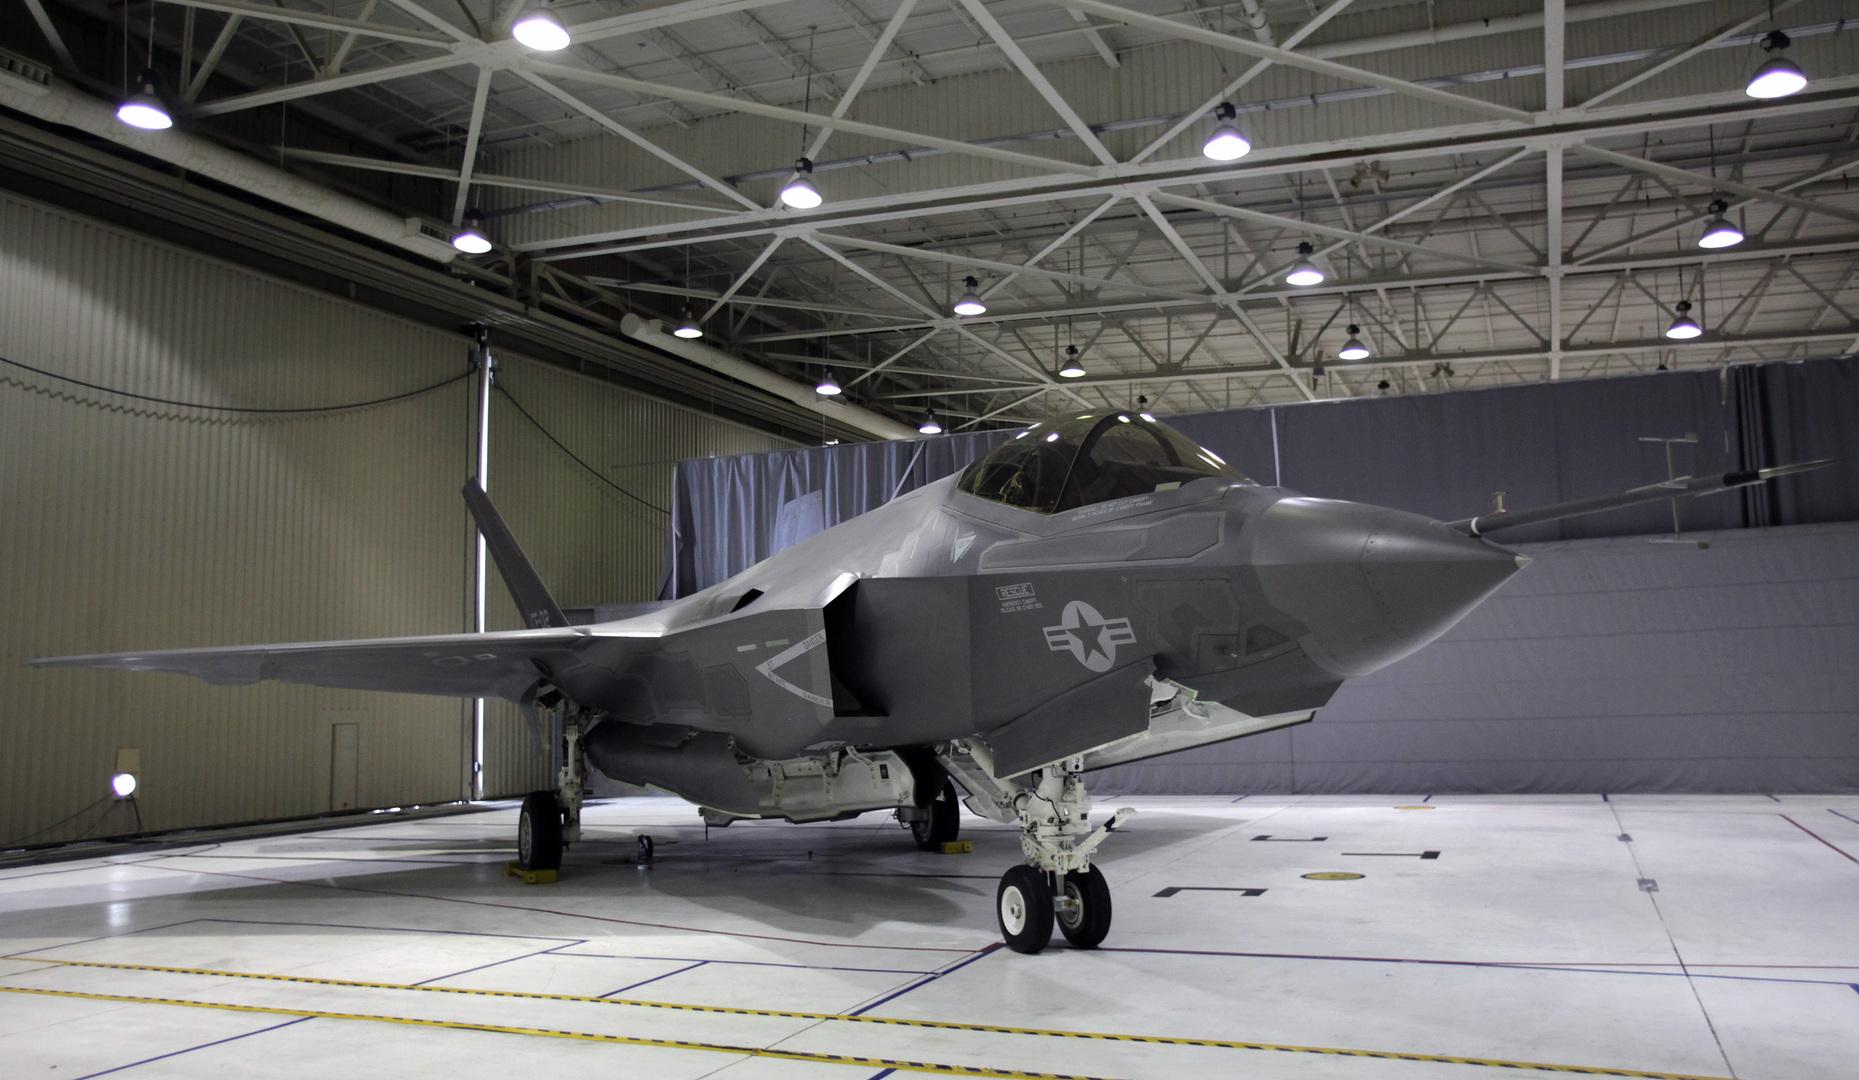 رويترز عن مصادر مطلعة: مساع لاتفاق بشأن صفقة بيع مقاتلات